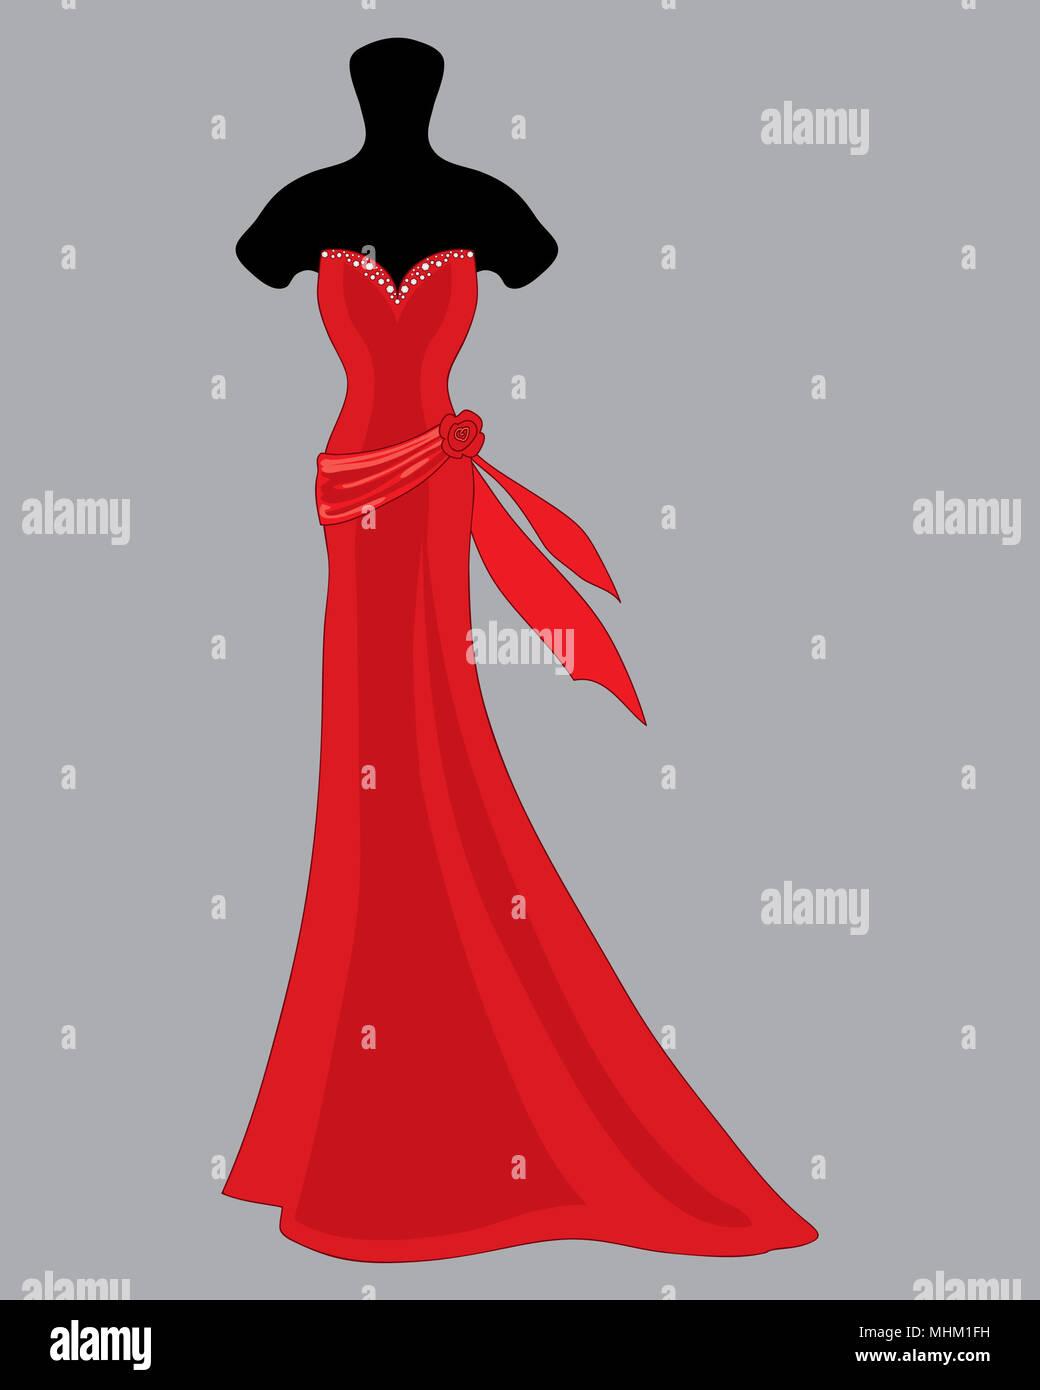 Una illustrazione di un bellissimo il progettista Red abito da sposa con jeweled sweetheart scollatura e anta con decorazione di rosa su sfondo grigio Immagini Stock